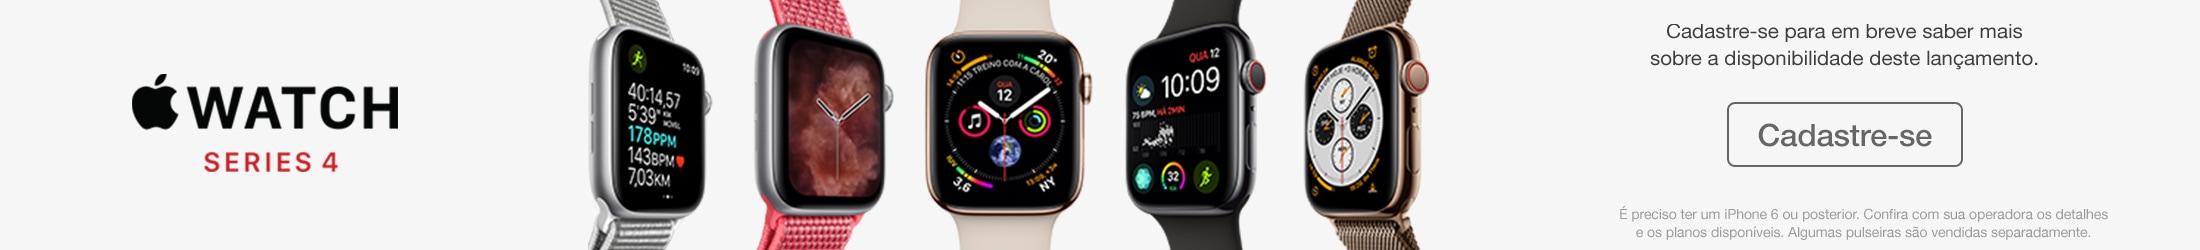 Toko-mempromosikan-kedatangan-Apple-Watch-Series-4-dan-iPhone-XS-1